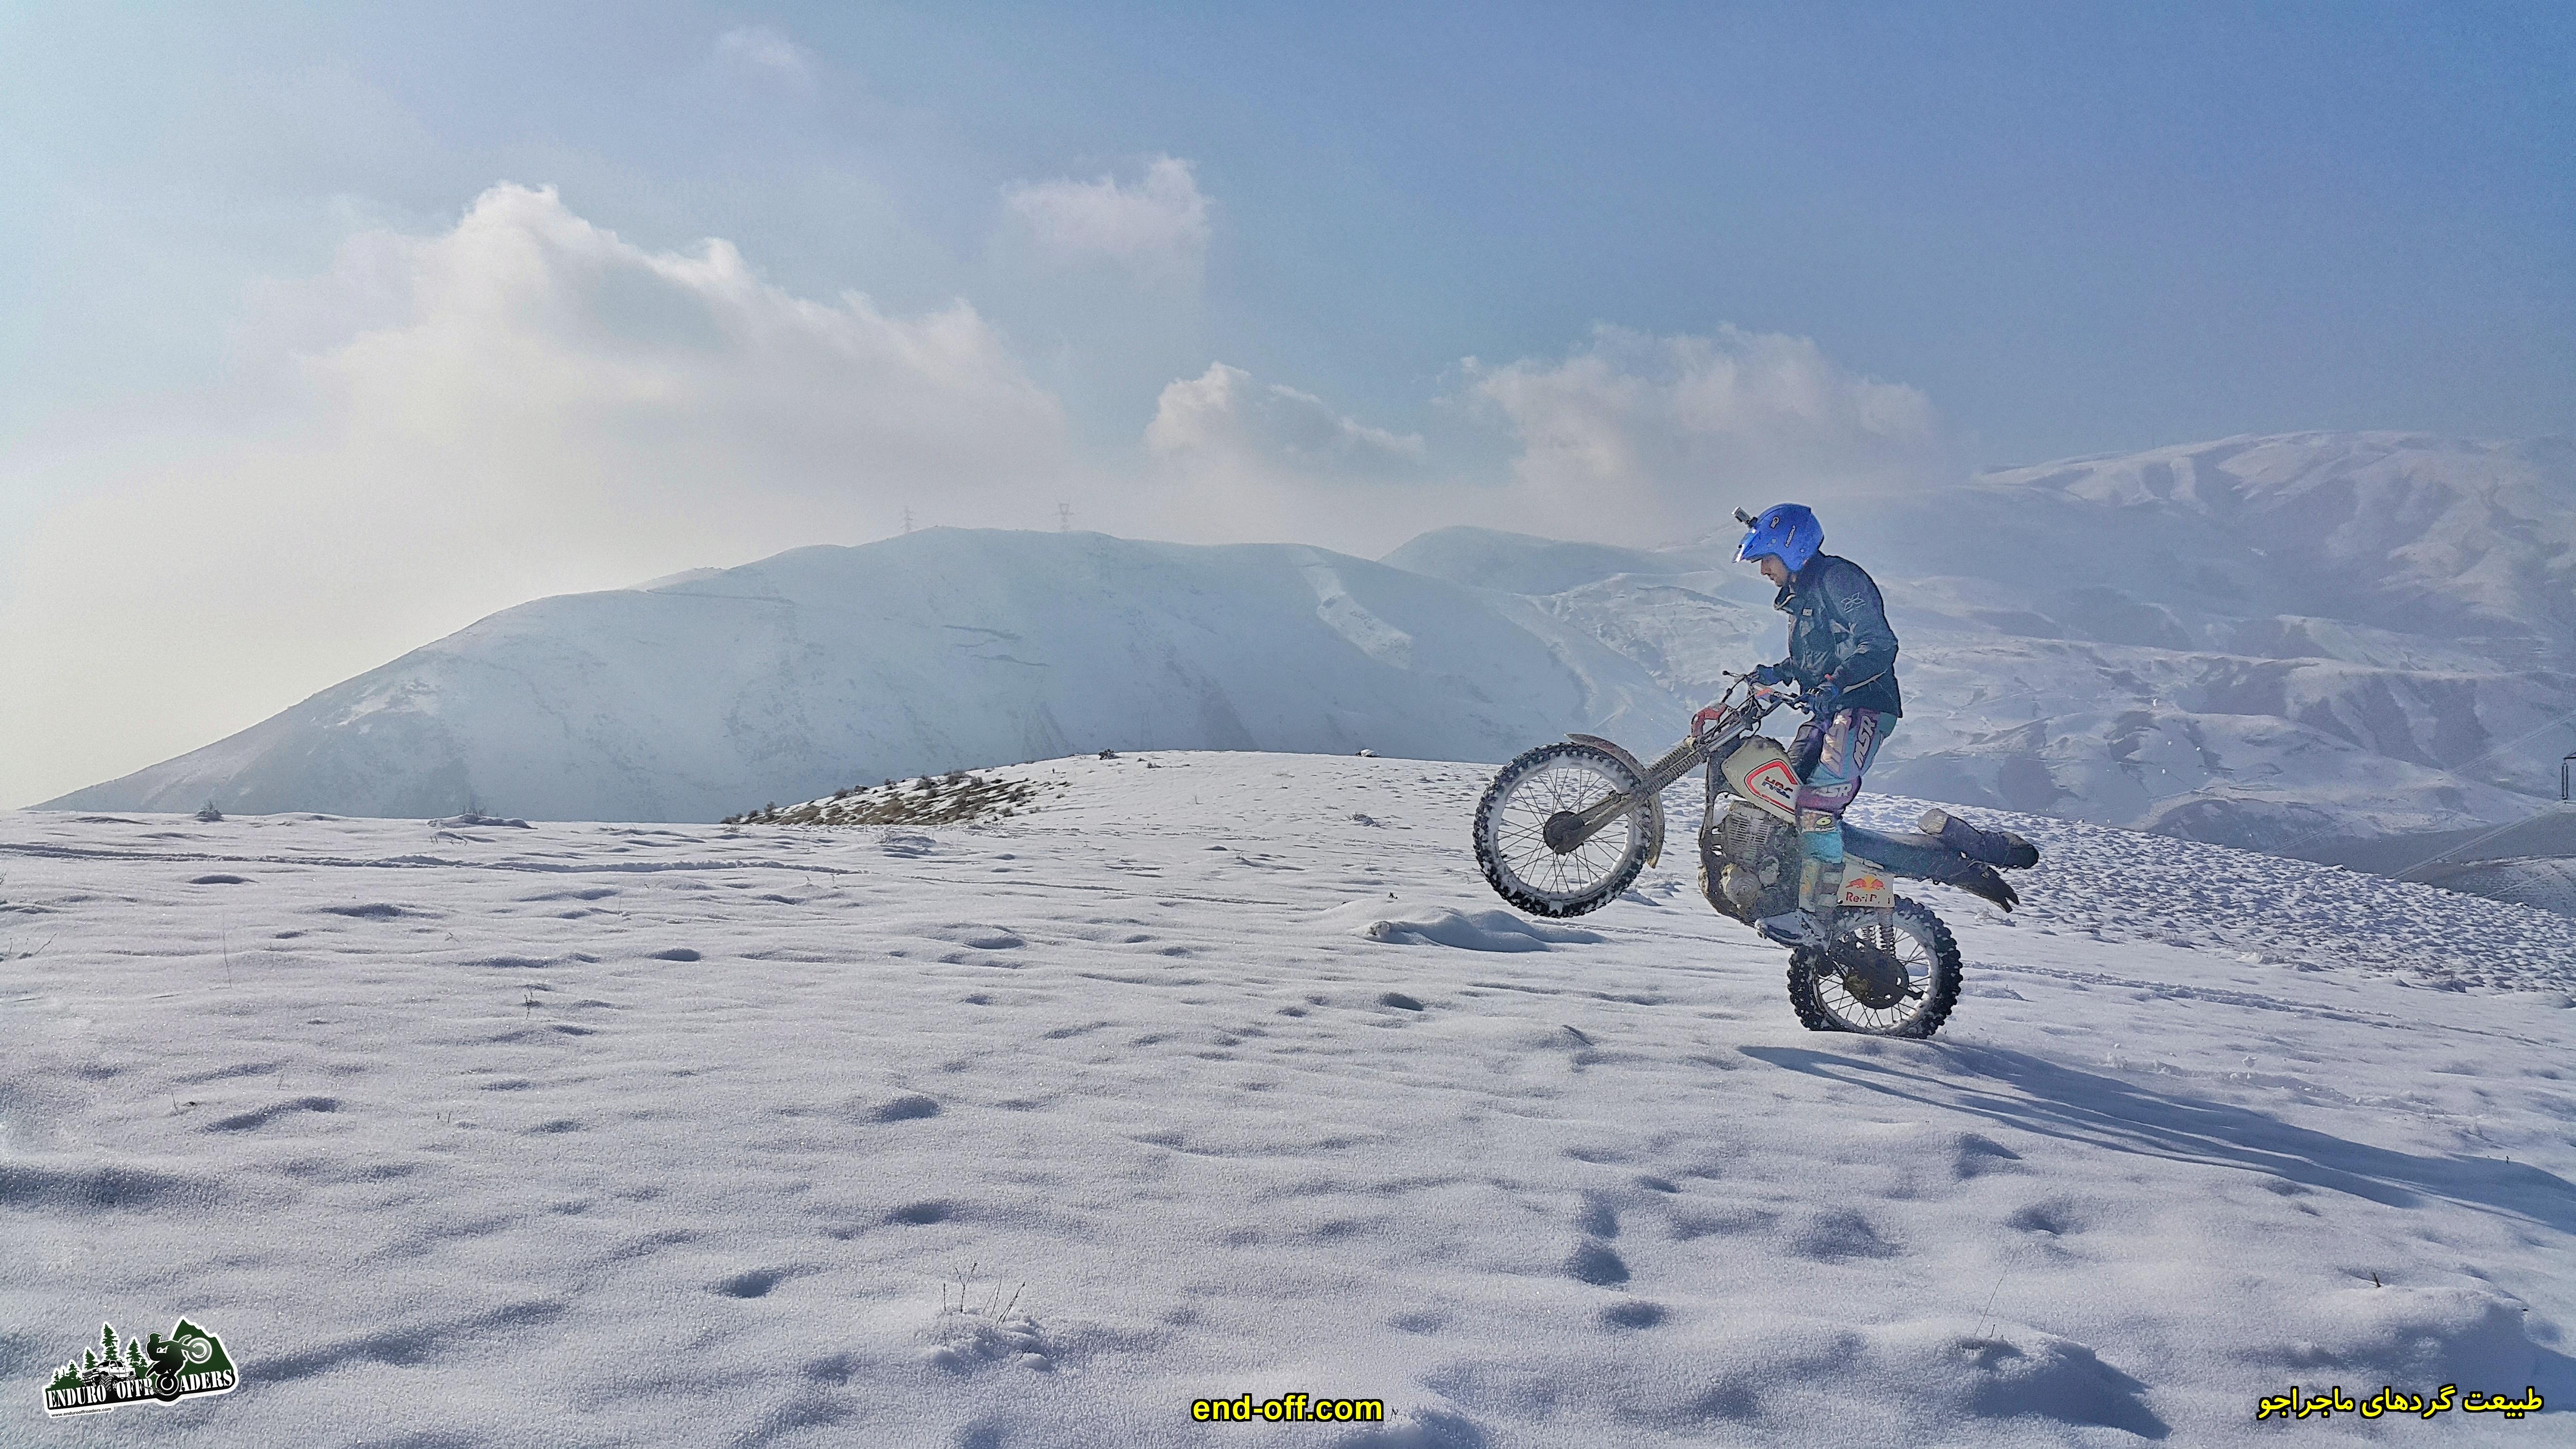 ارتفاعات جنوب غربی وردیج - زمستان 1399 2020